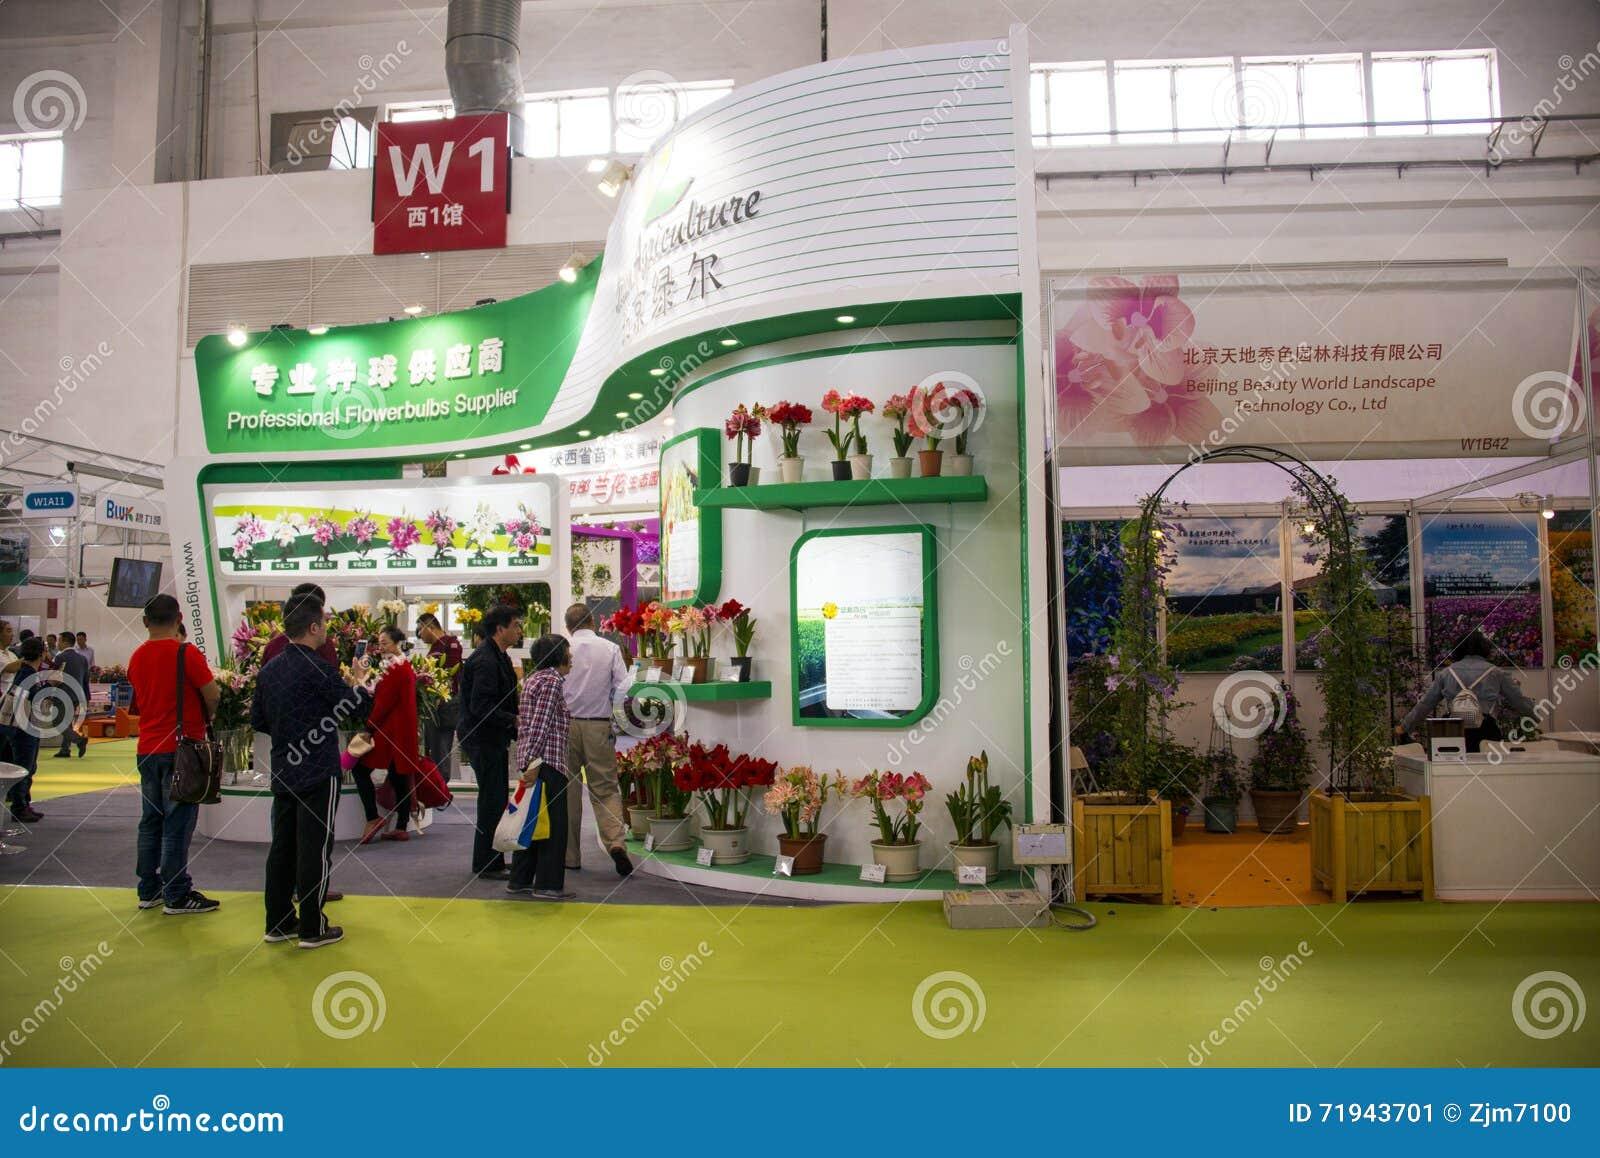 Азия Китай, Пекин, центр международной выставки Китая, крытый выставочный зал, цветок и сад показывают